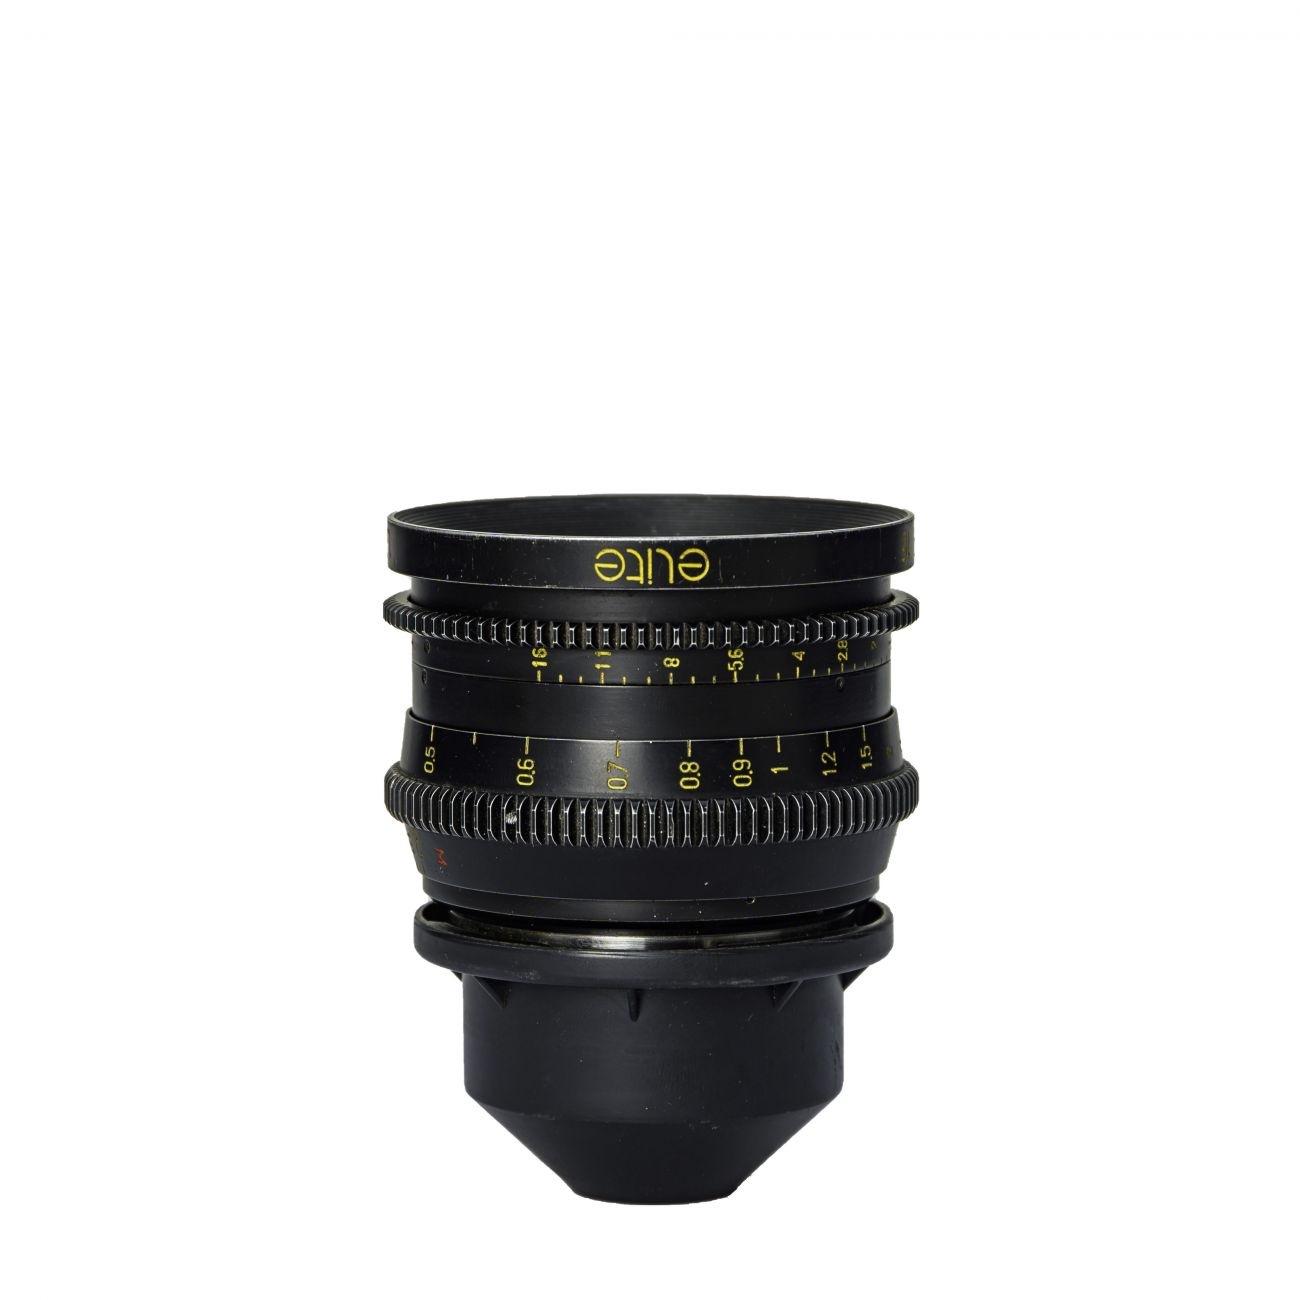 50mm lens ELITE T1.3 S-16mm PL-mount